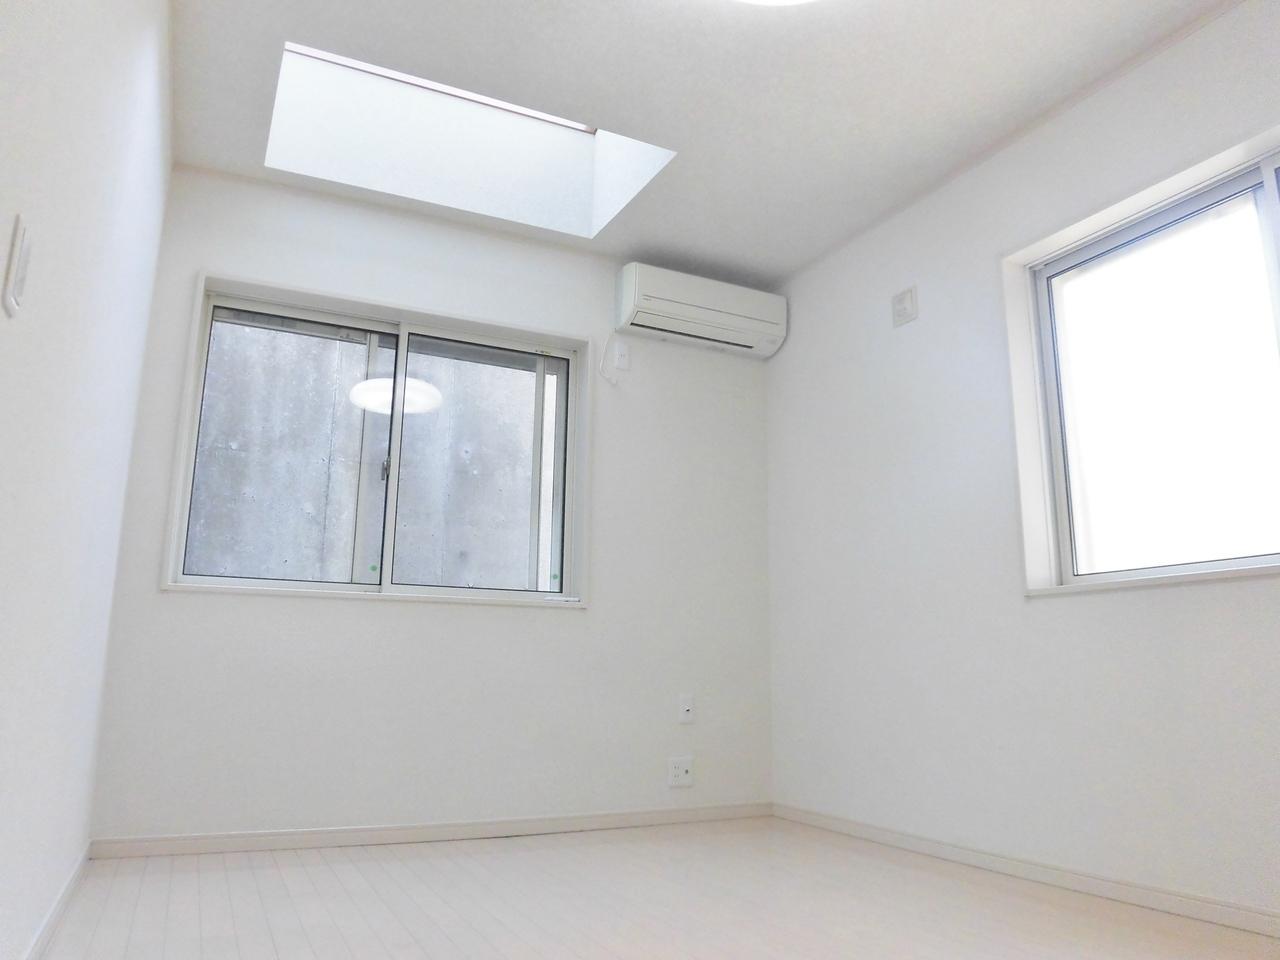 1階洋室にはトップライトがあります。採光をしっかり確保できますね。